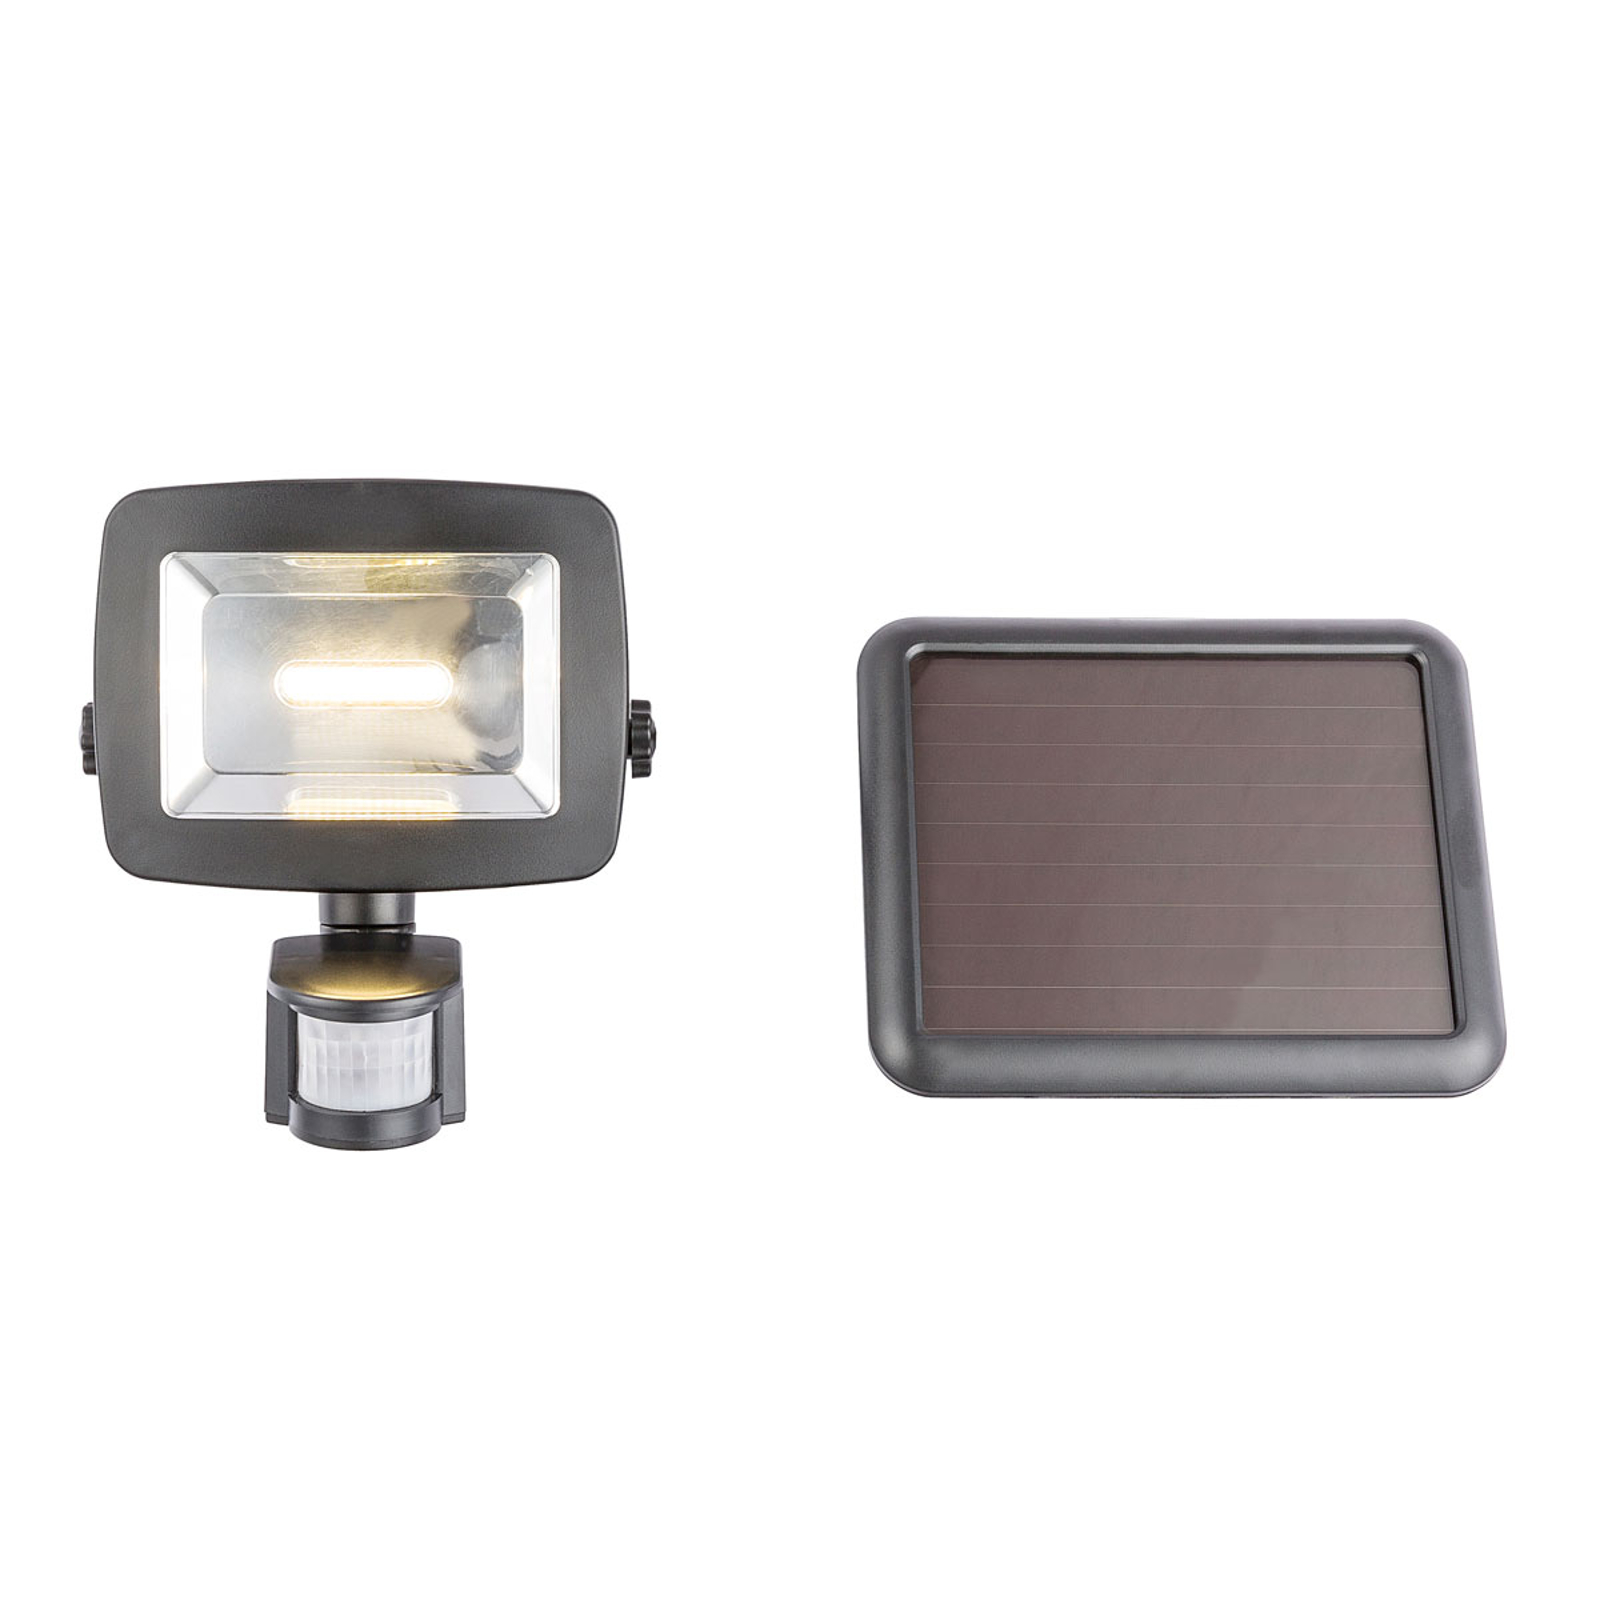 Applique solare LED 37201S nera con sensore